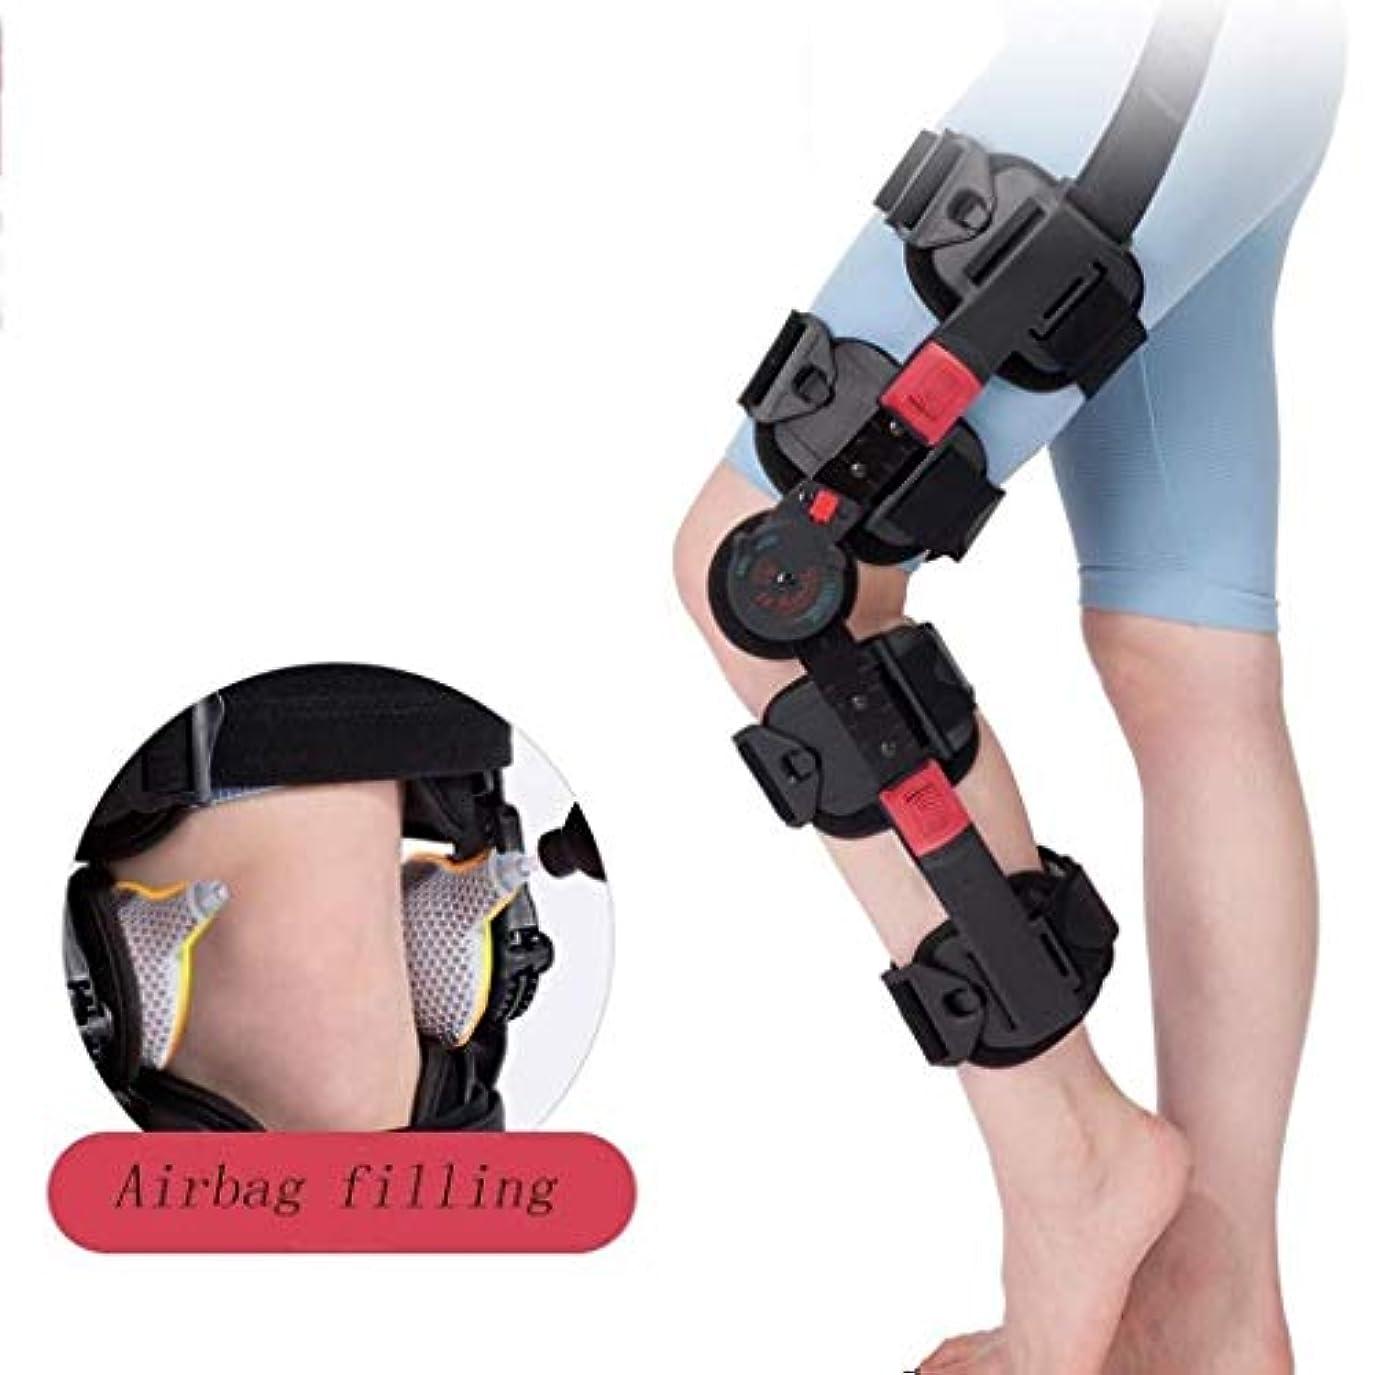 シプリー式捧げるヒンジ式ROM膝ブレース、調節可能なポストOP膝蓋骨ブレースサポートスタビライザーパッド装具スプリントラップ医療用整形外科用ガードプロテクター